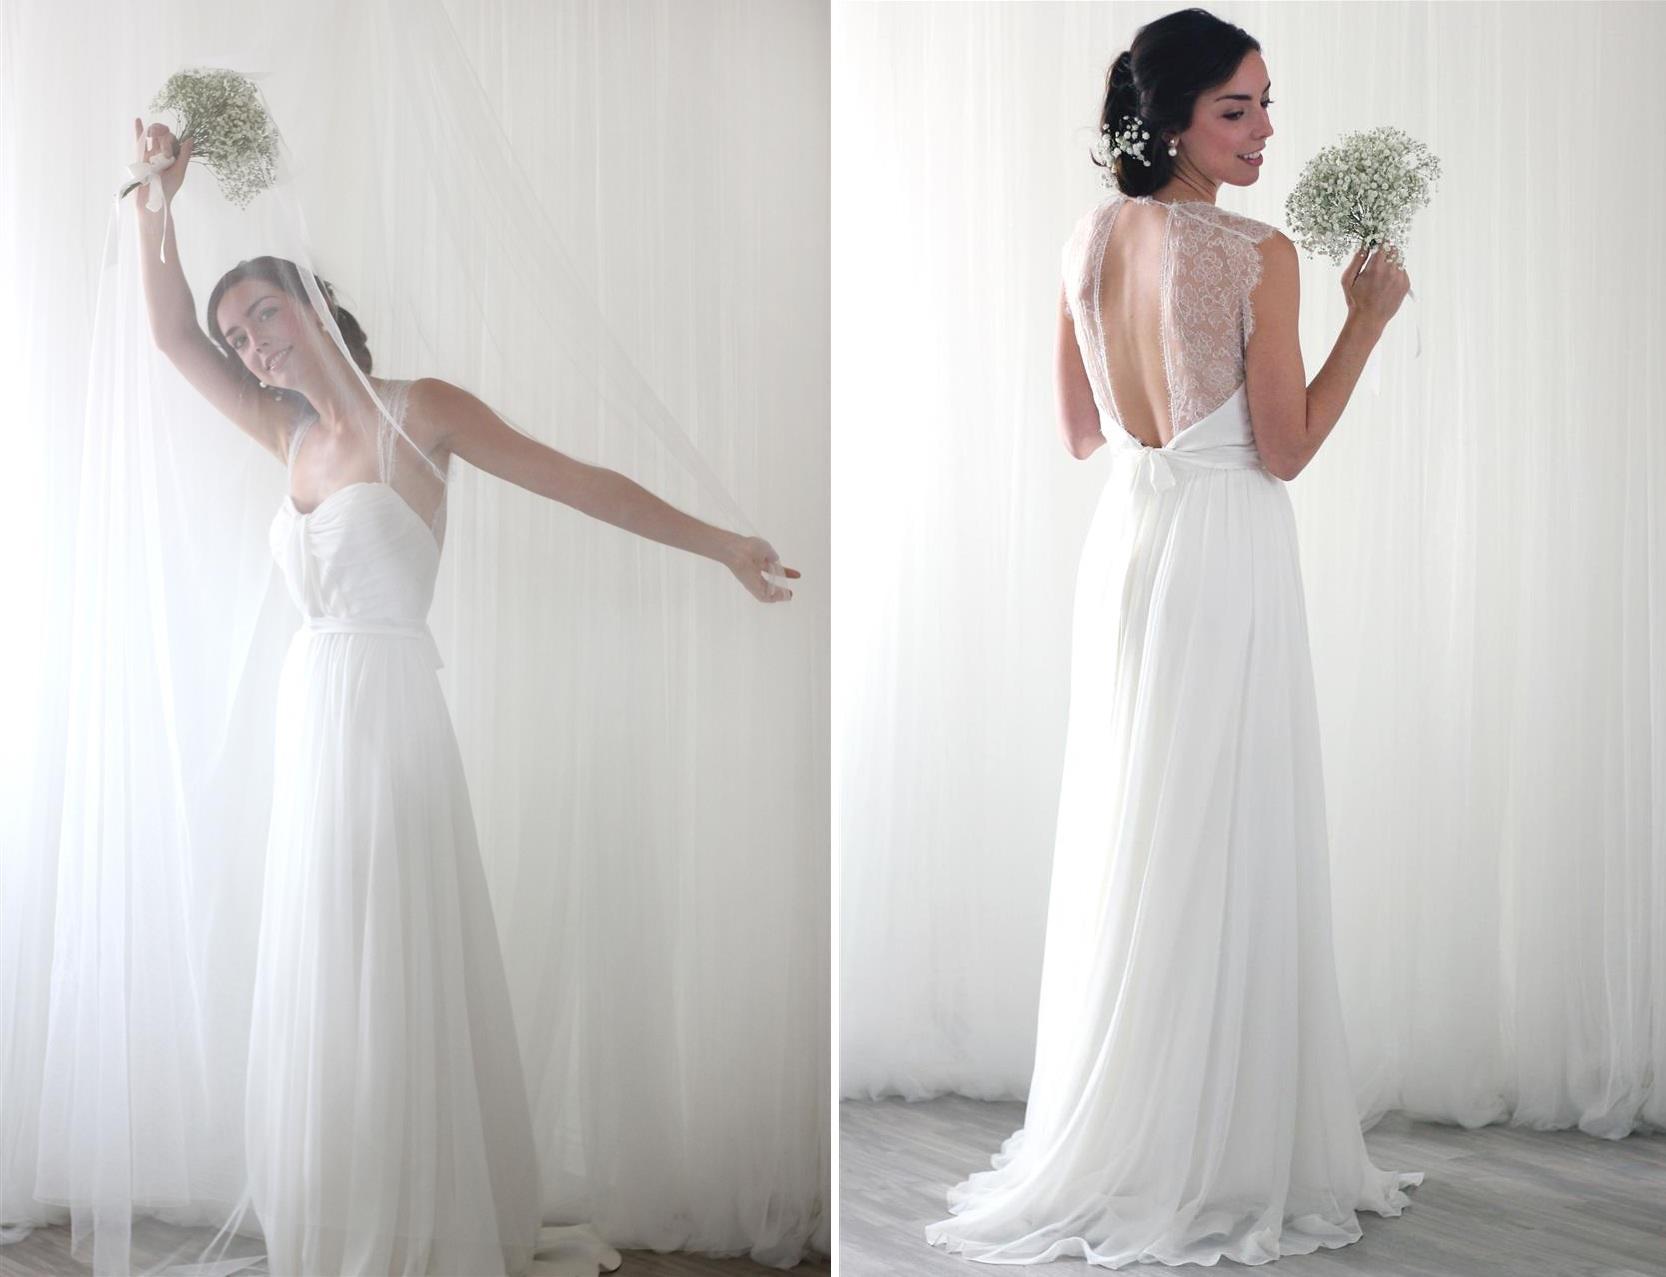 Rose & Delilah's 2015 Bridal Collection - Delilah